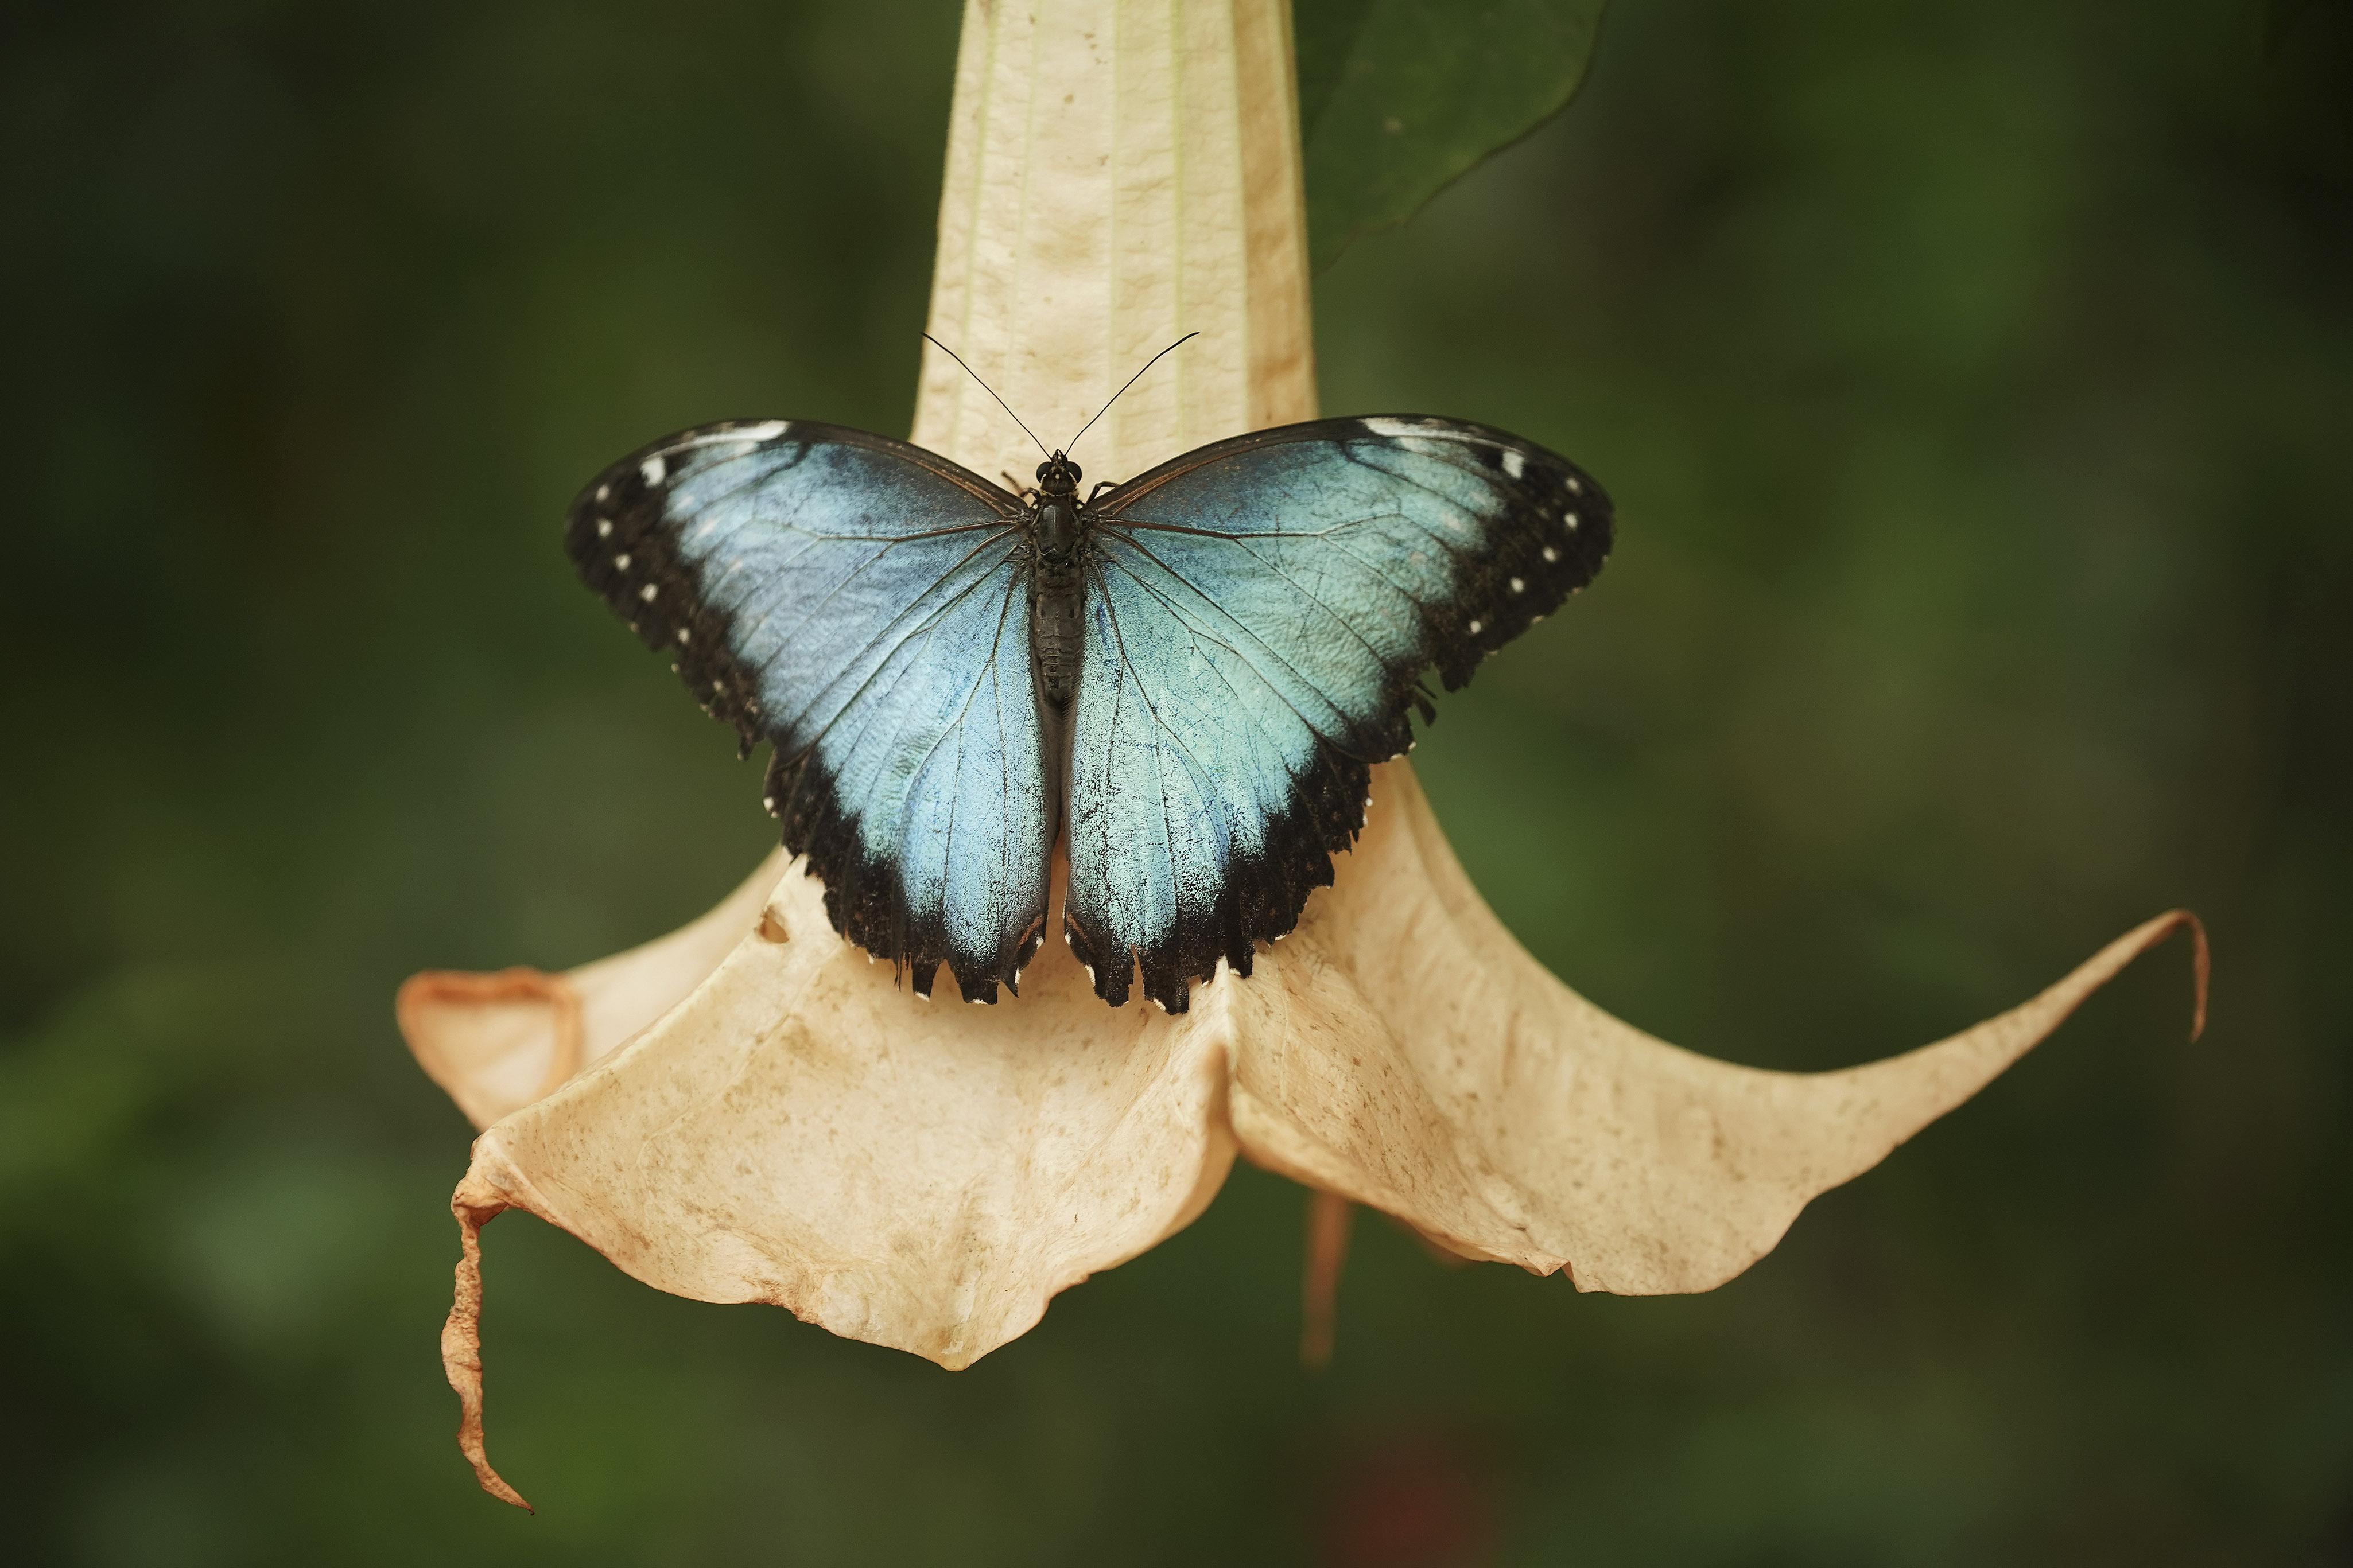 Uma borboleta pousa em uma flor perto do Lago Atitlan, na Guatemala, na segunda-feira, 19 de agosto de 2019.